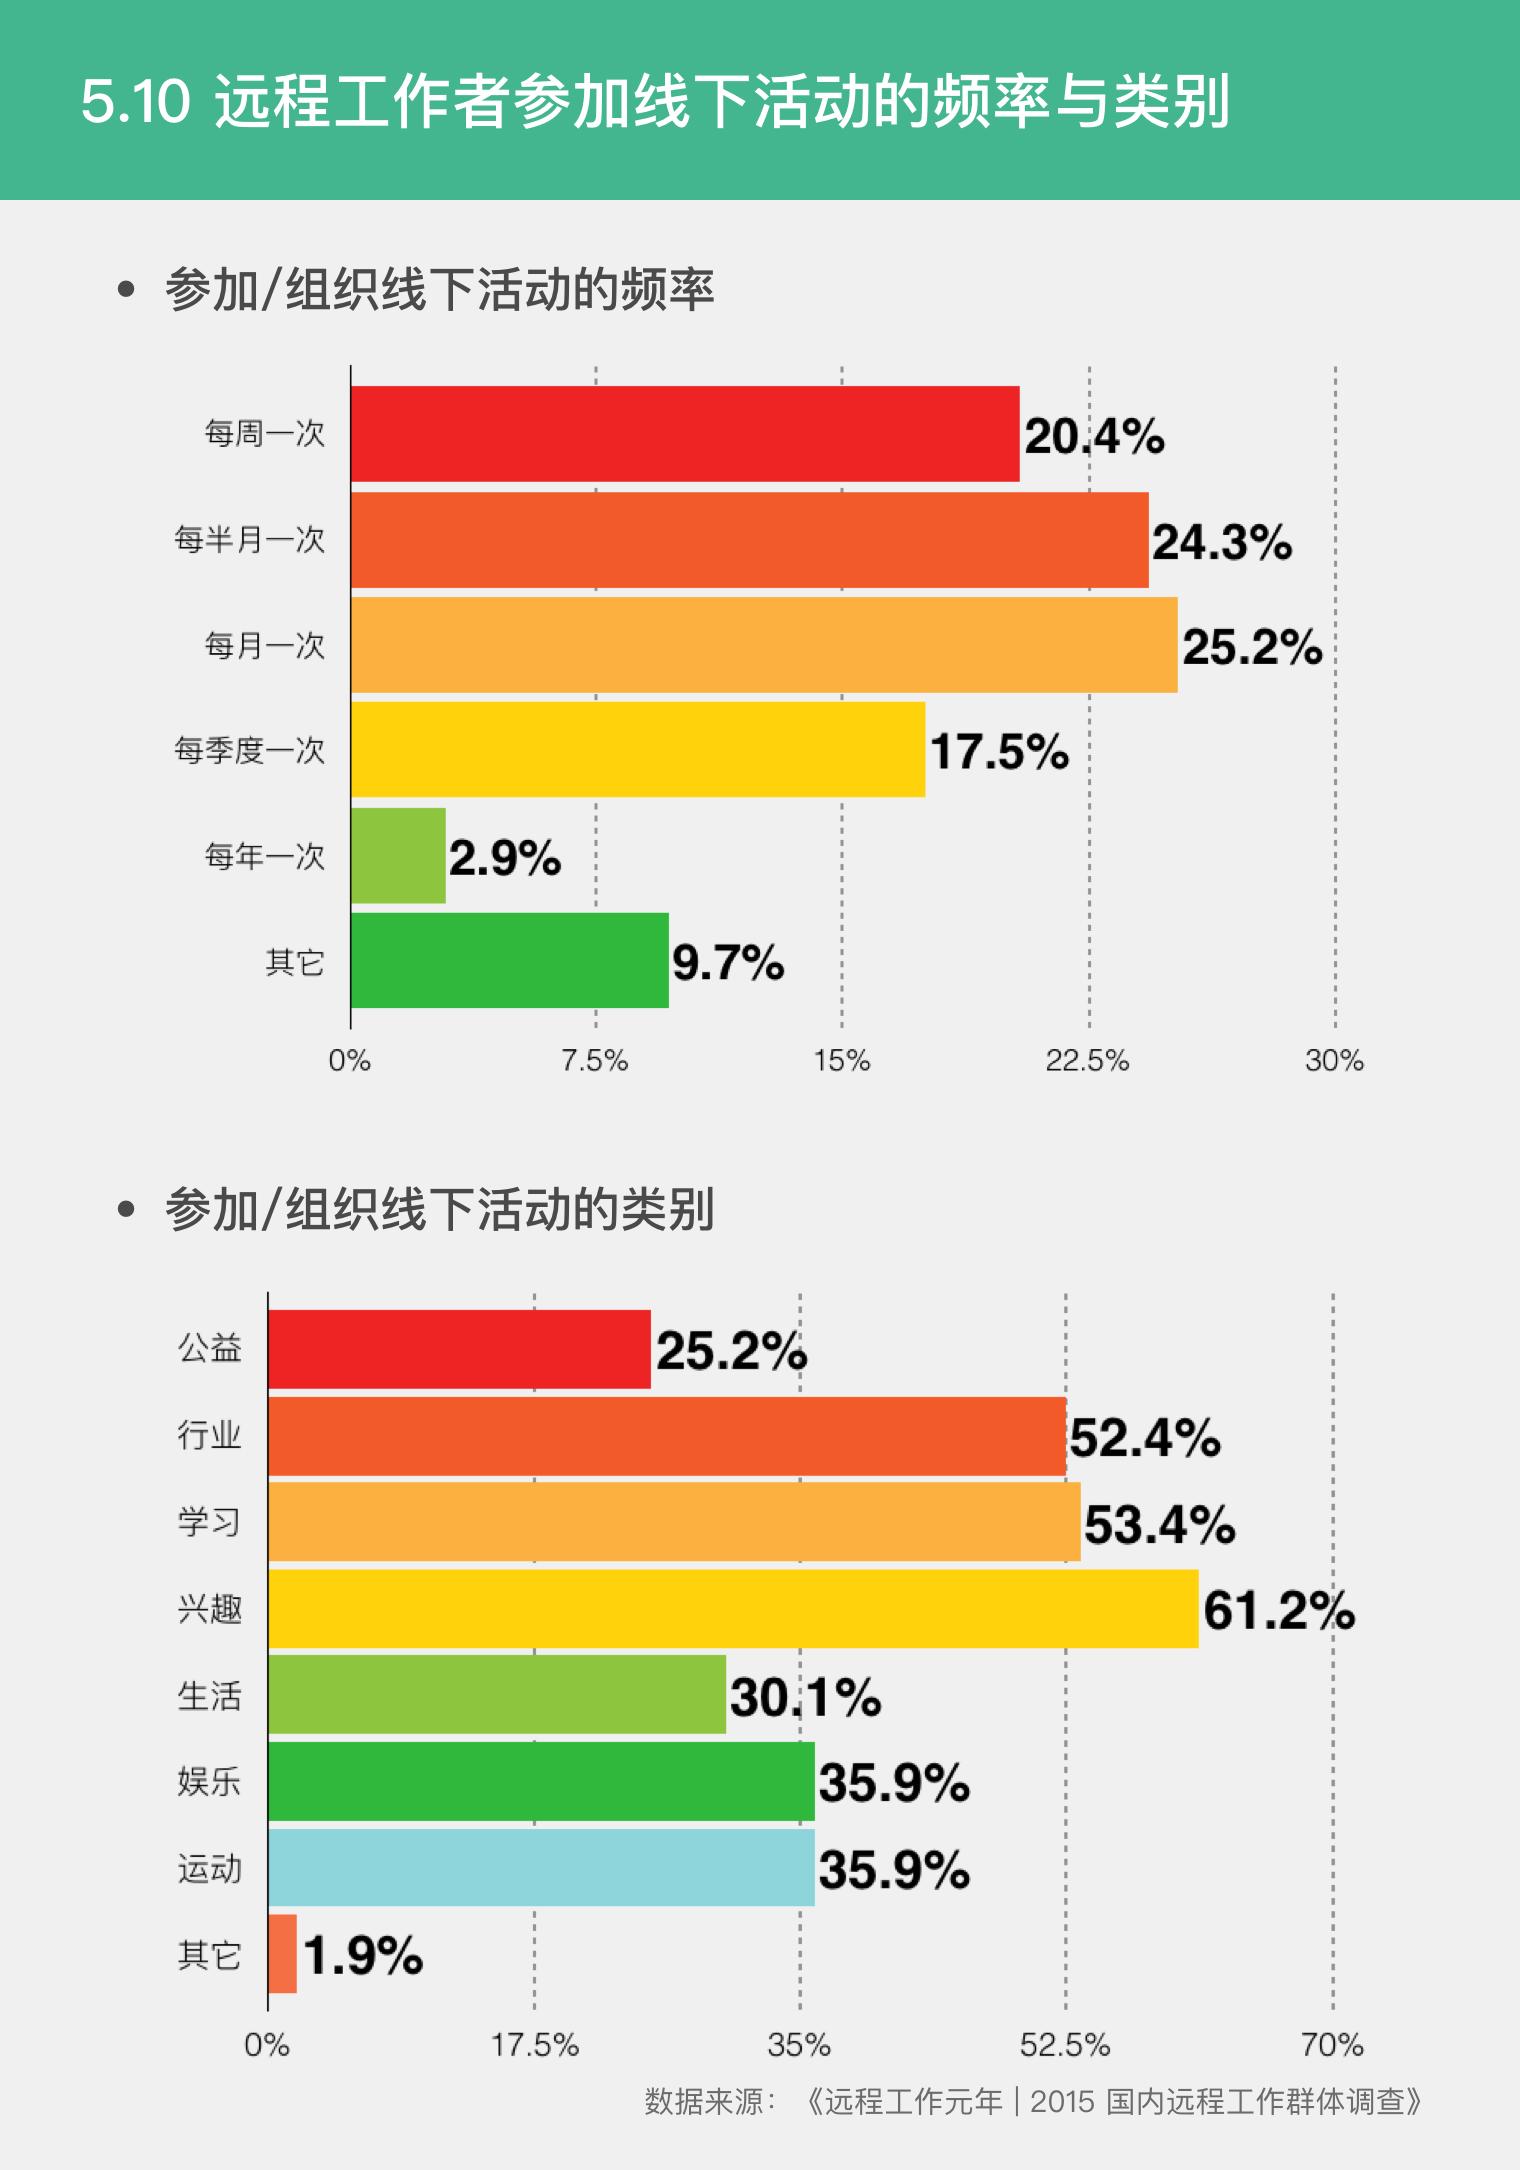 5.10 远程工作者参加的线下活动频率与类别.png